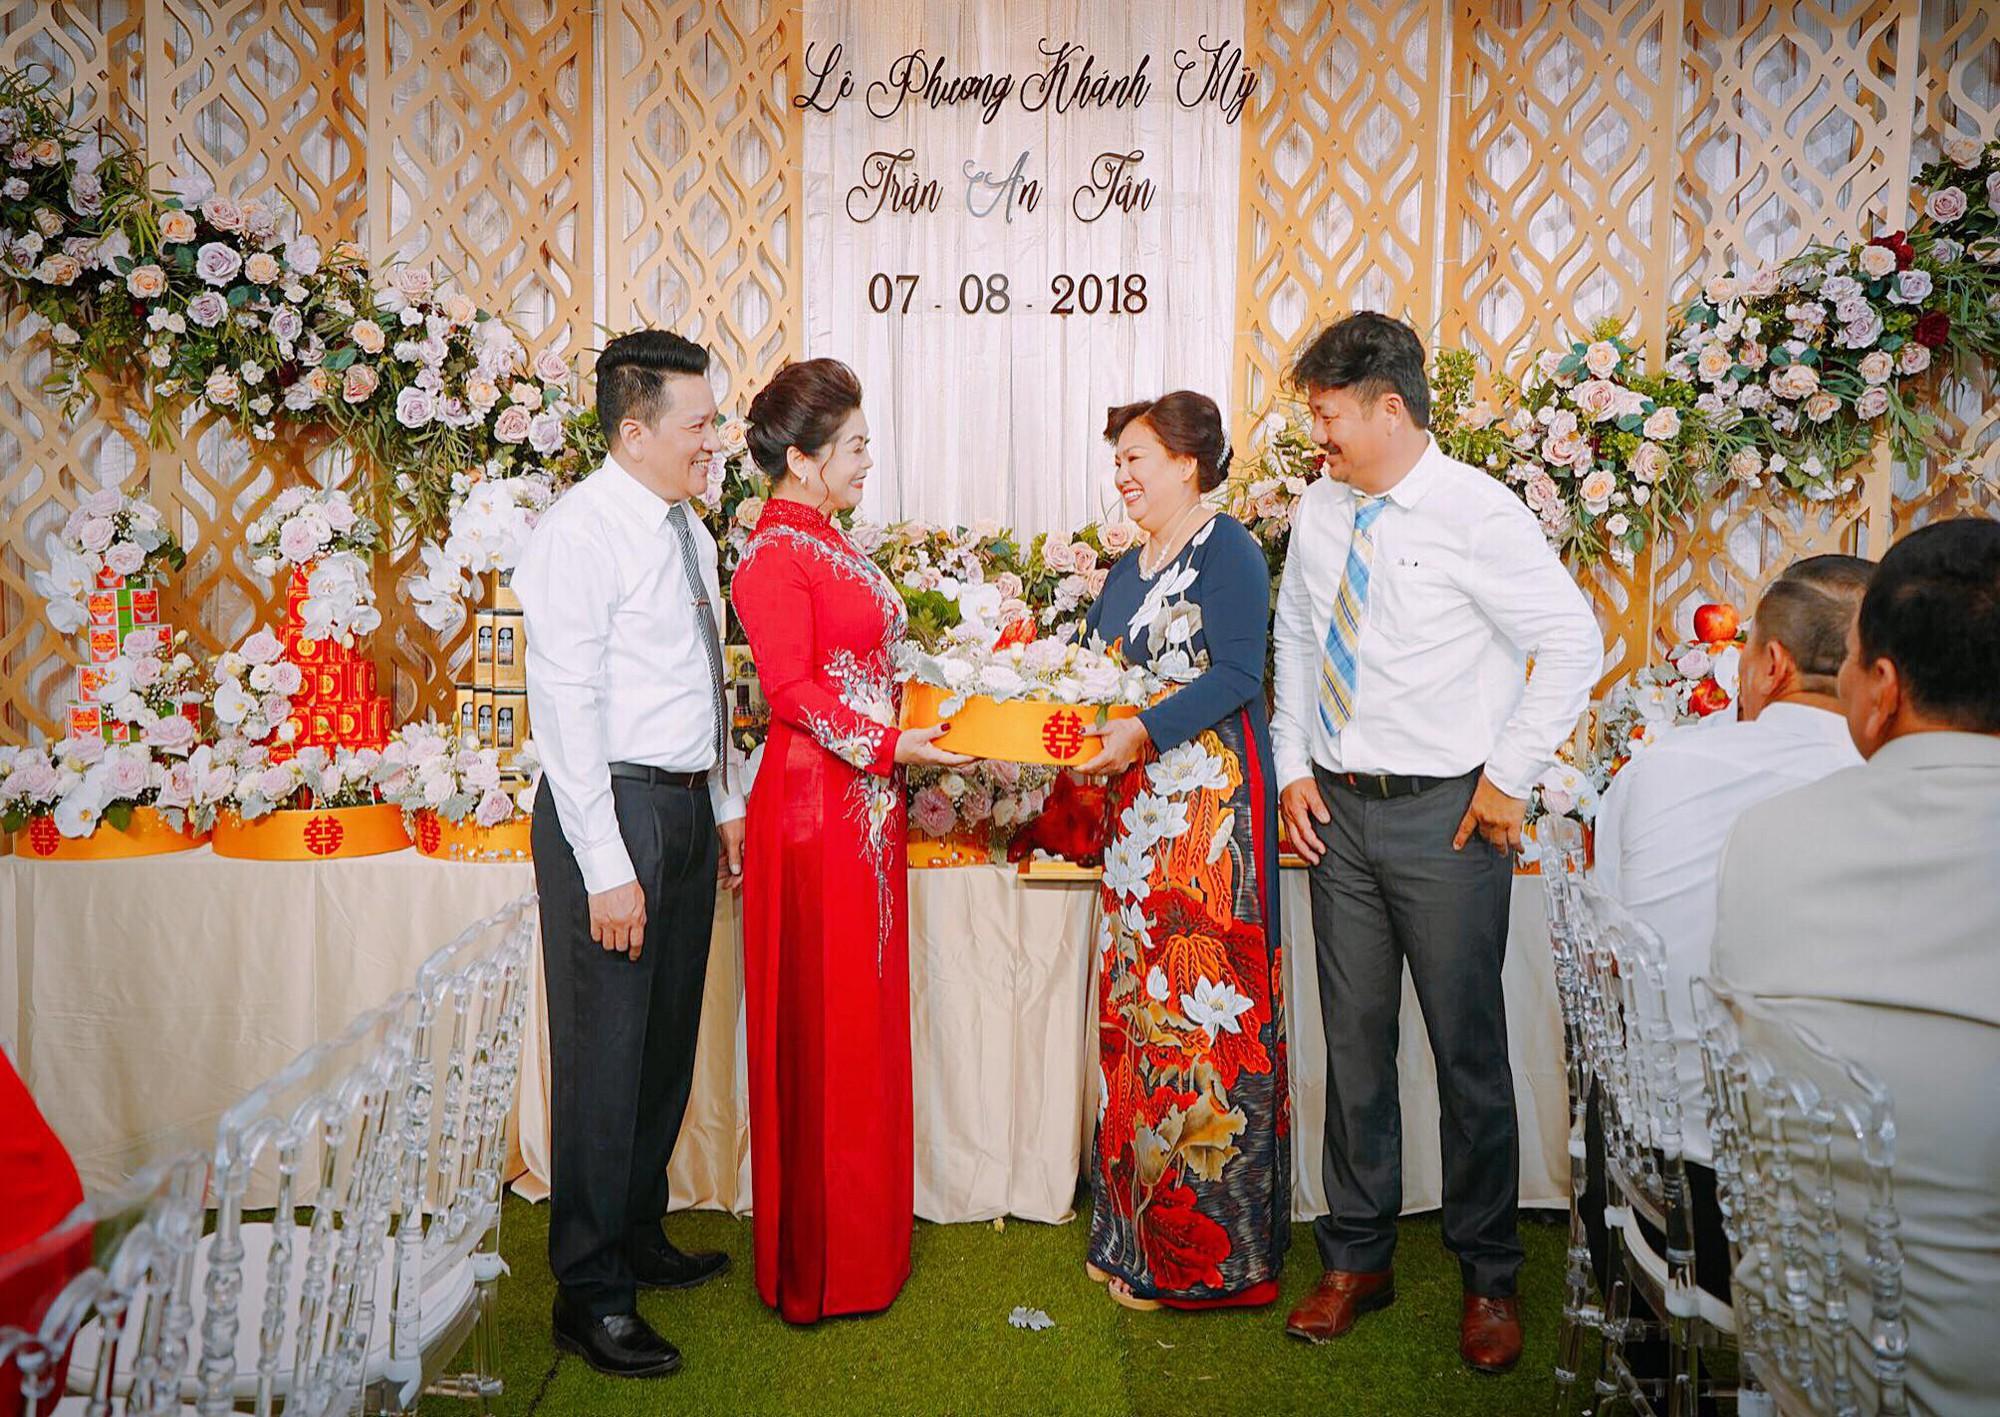 Toàn cảnh lễ ăn hỏi lung linh của Vân Navy và chồng doanh nhân tại Hà Nội sáng nay - Ảnh 2.